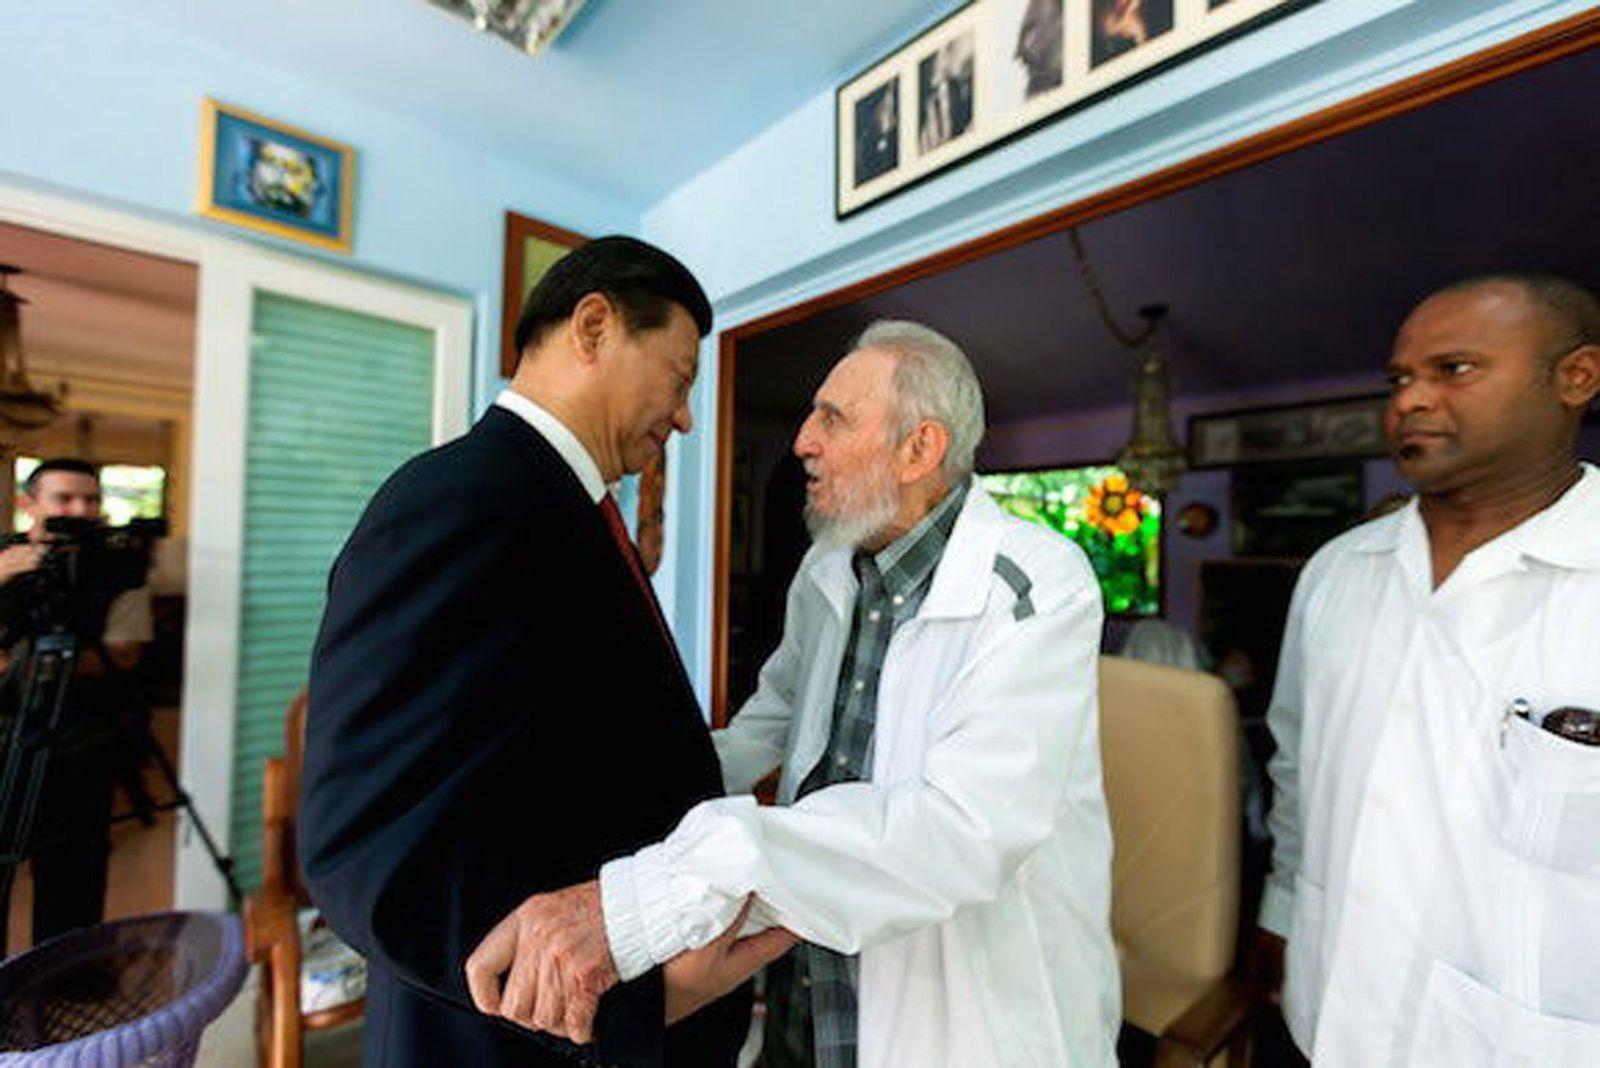 Kuba China Xi Jinping Fidel Castro